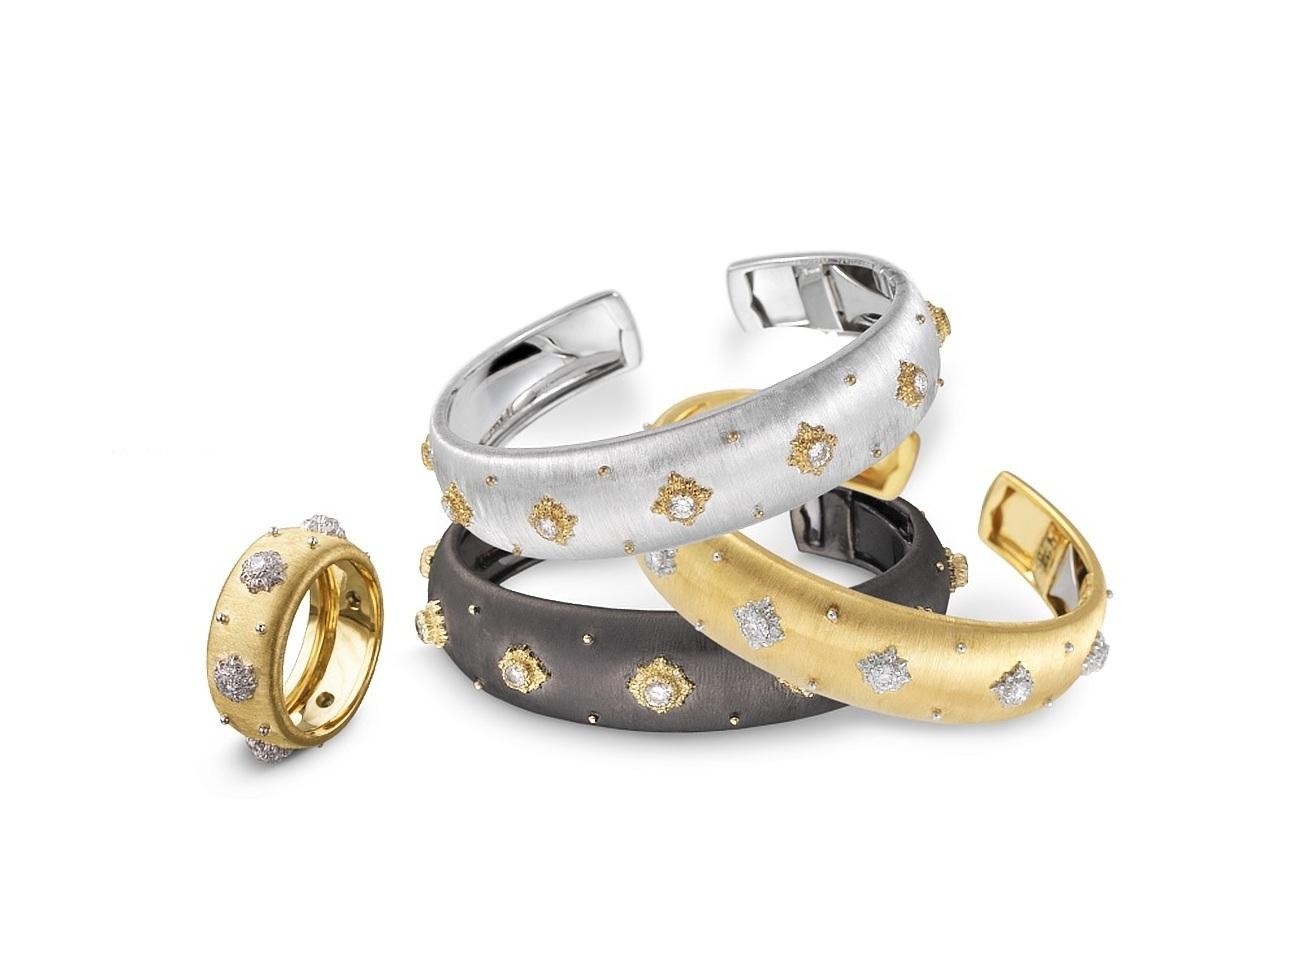 Bracciali e anelli con borchiette di diamante. Foto: Jing Daily